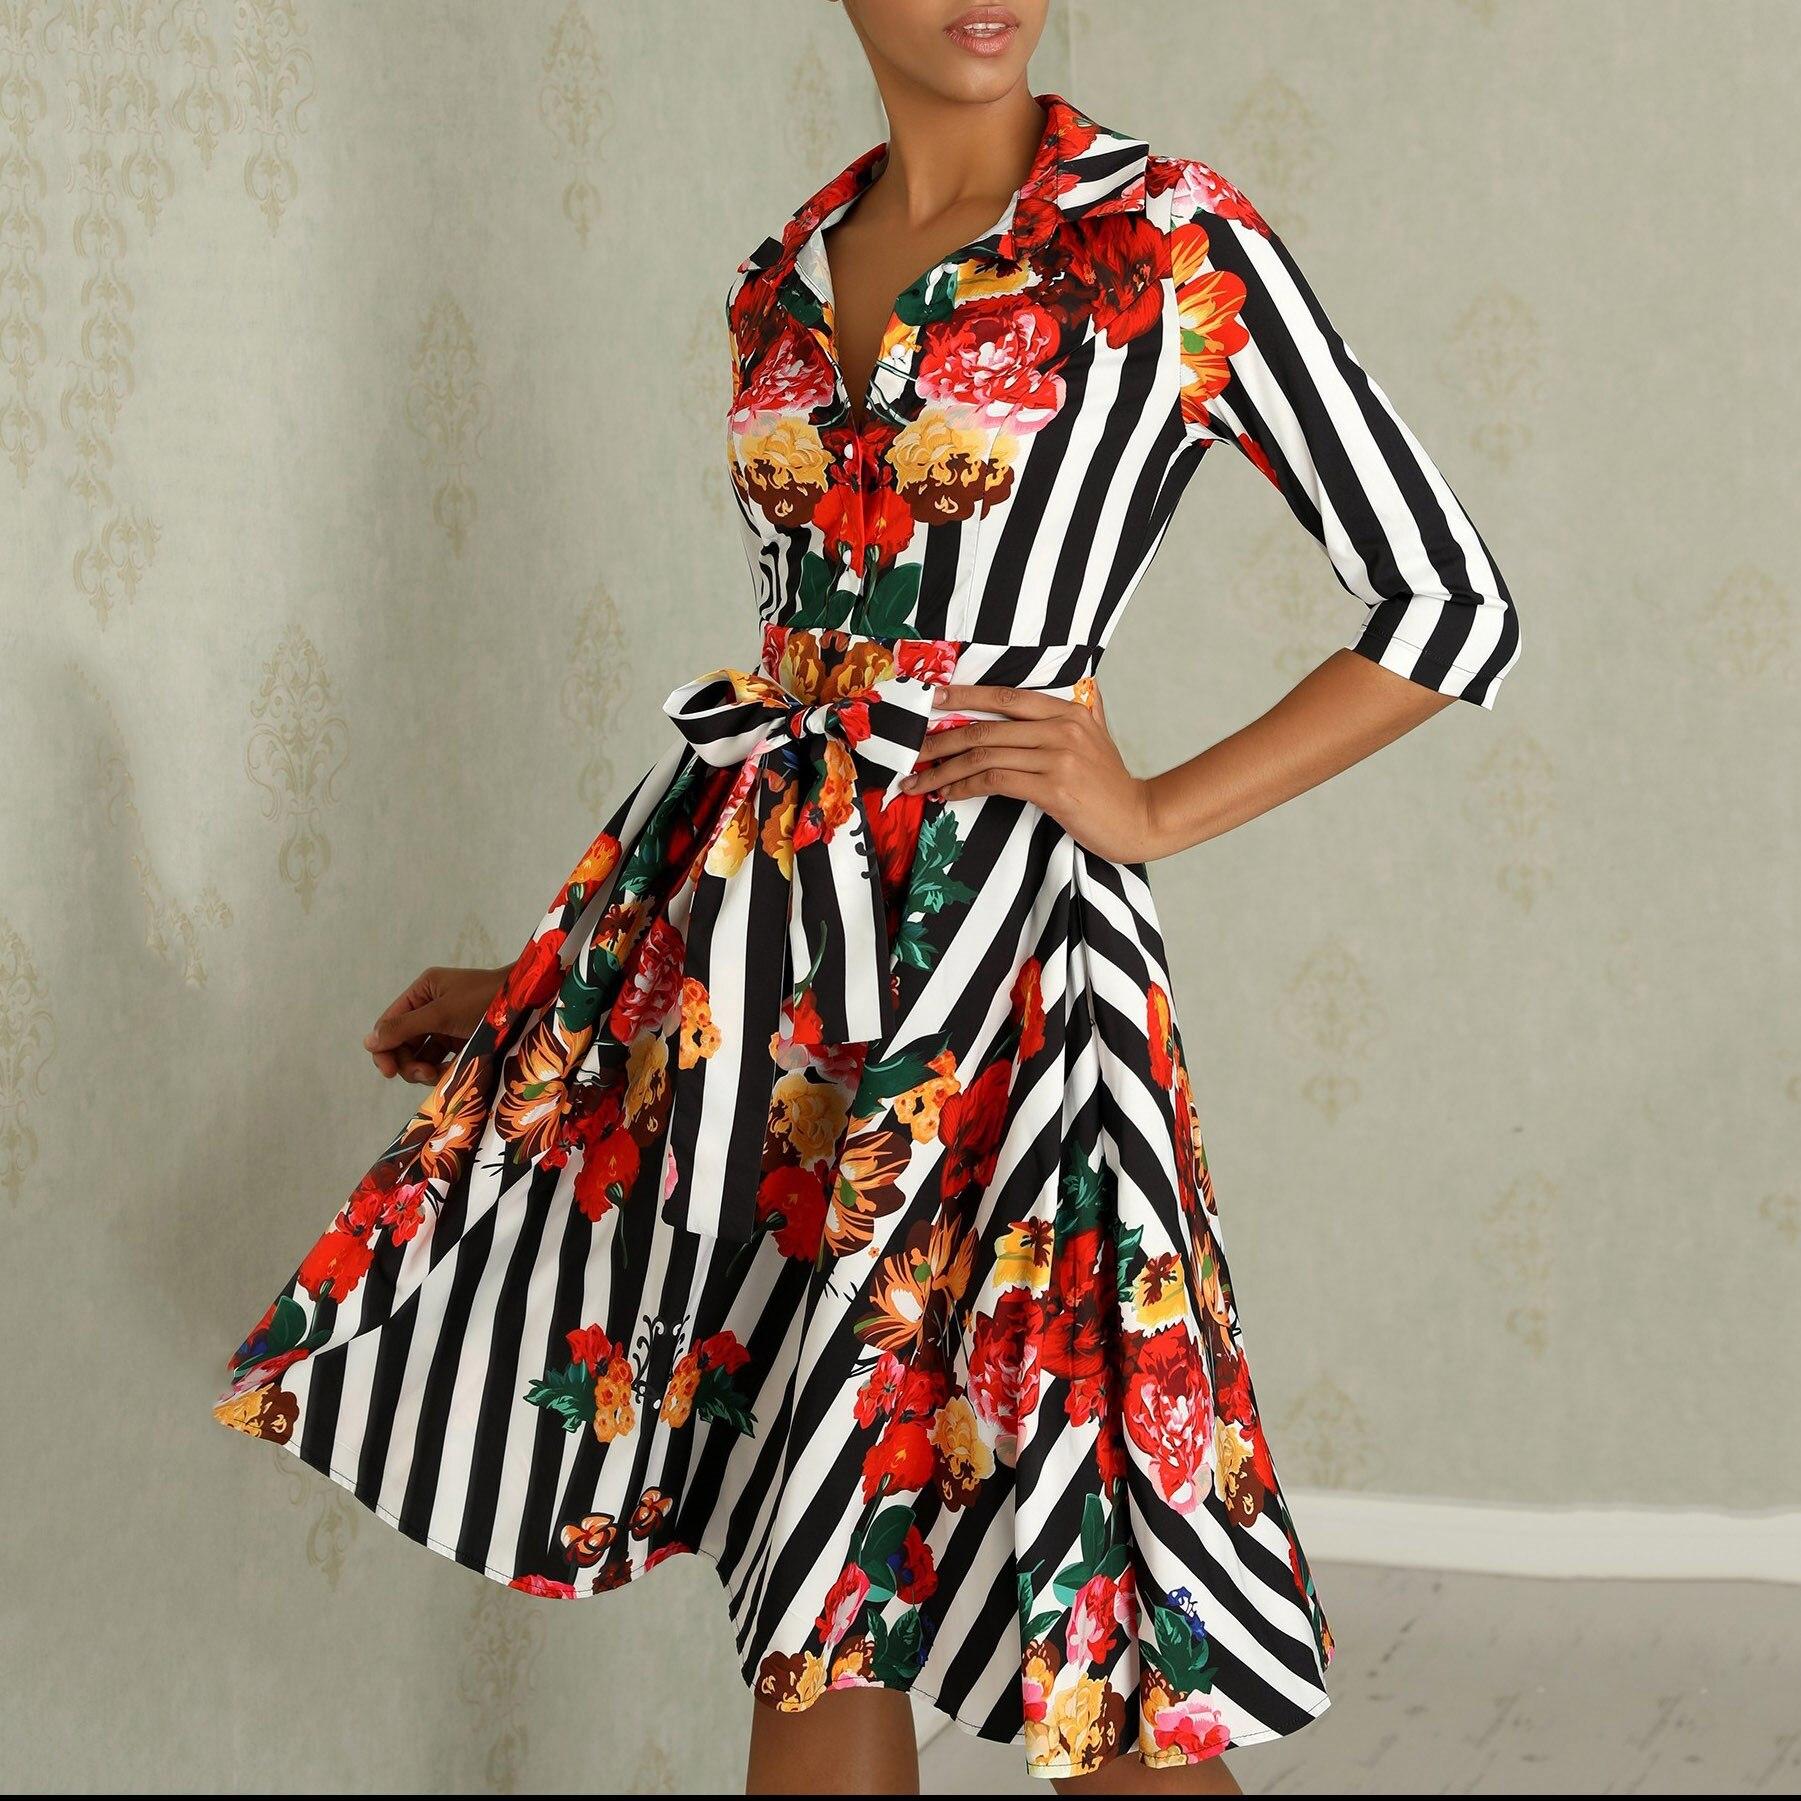 Frauen Sommer Floral Halbe Hülse Kleider Schärpen Damen Revers Hemd Kleid Mid Streifen Gedruckt Kleid - 4